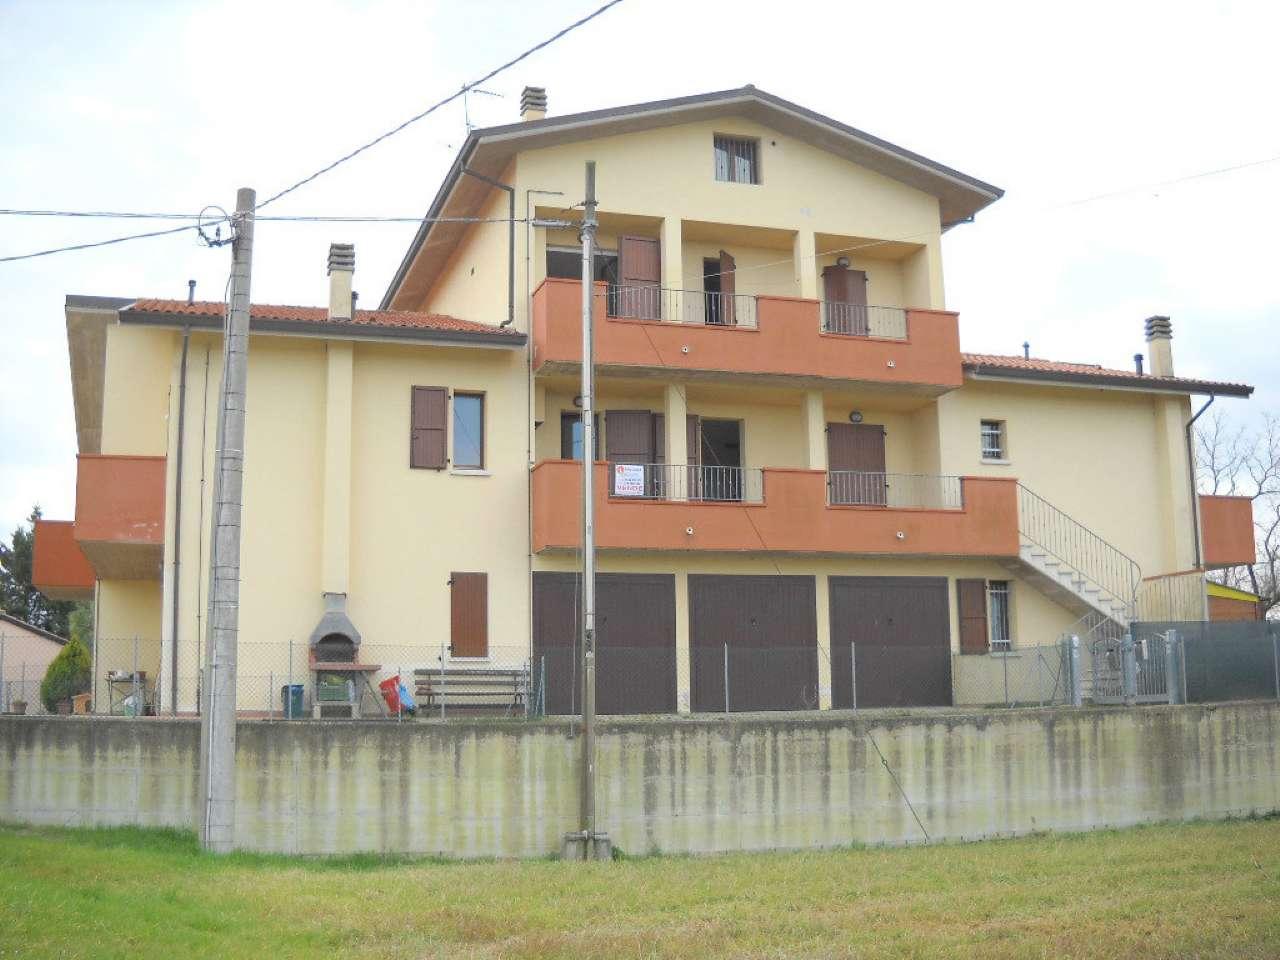 Palazzo / Stabile in vendita a Ravenna, 5 locali, prezzo € 105.000 | CambioCasa.it